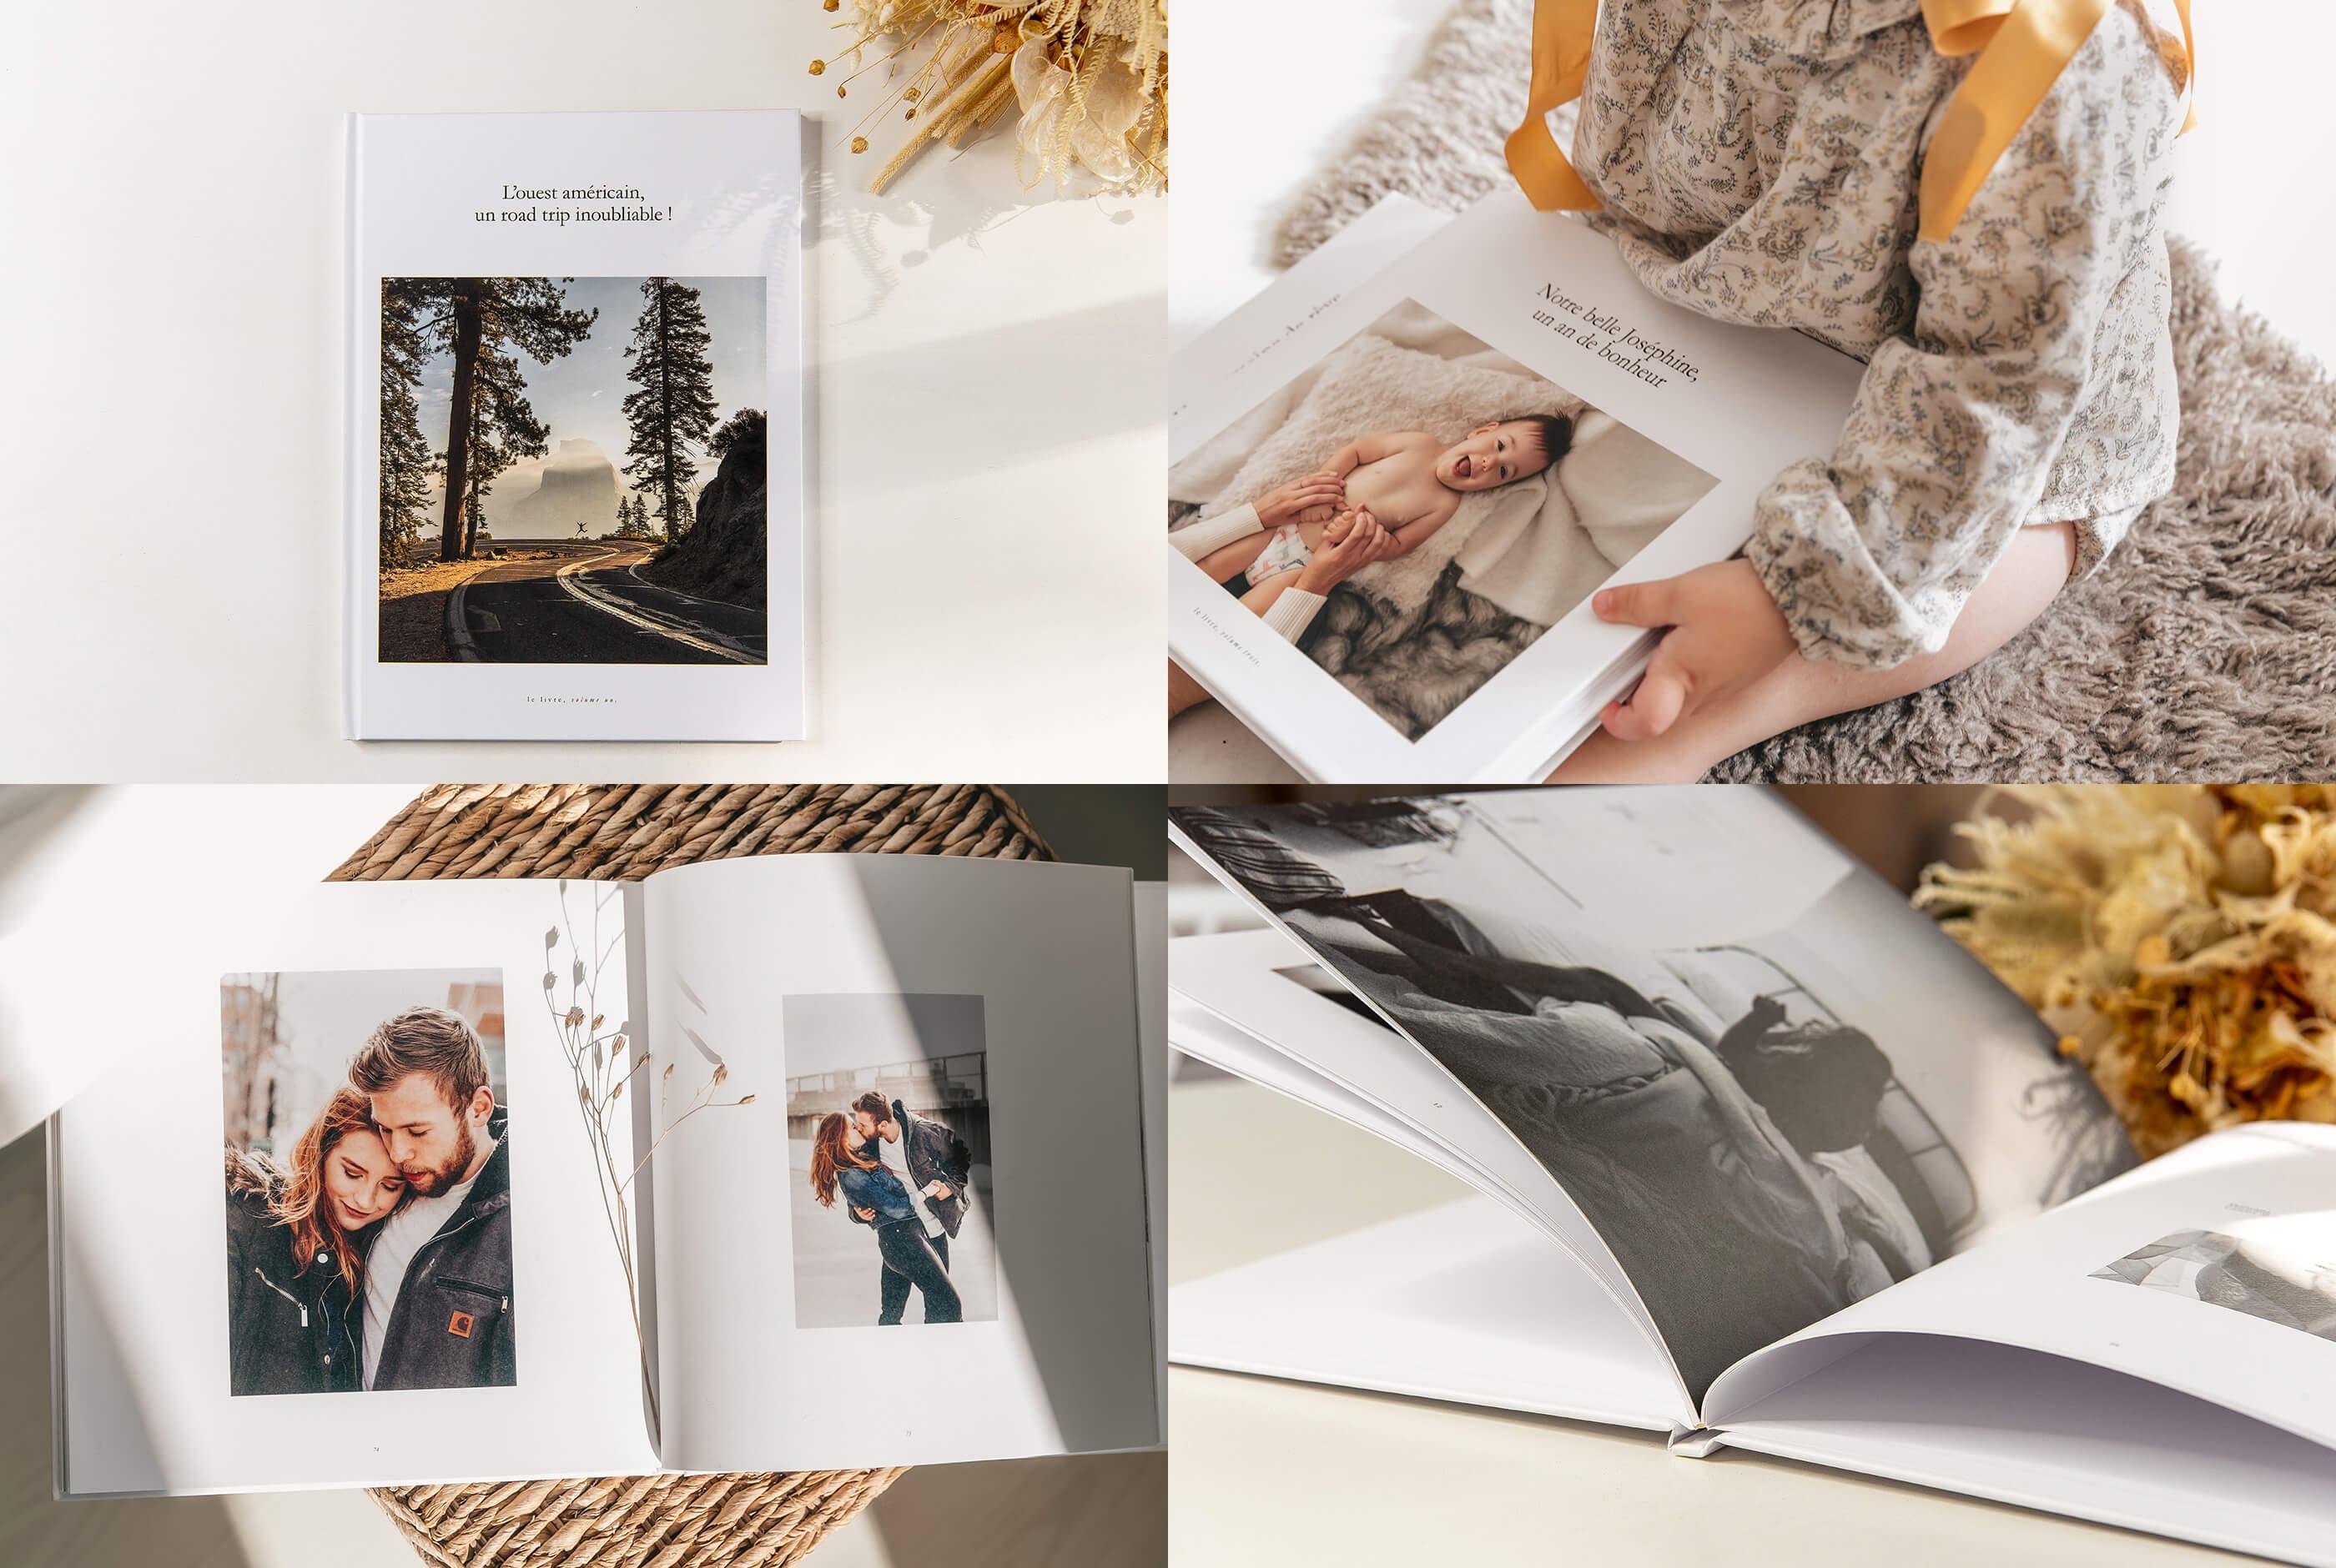 Innocence - Précieux souvenirs - Le livre - Mariage - Enfants - Famille - Album photo - Photo album - Hard cover photobook